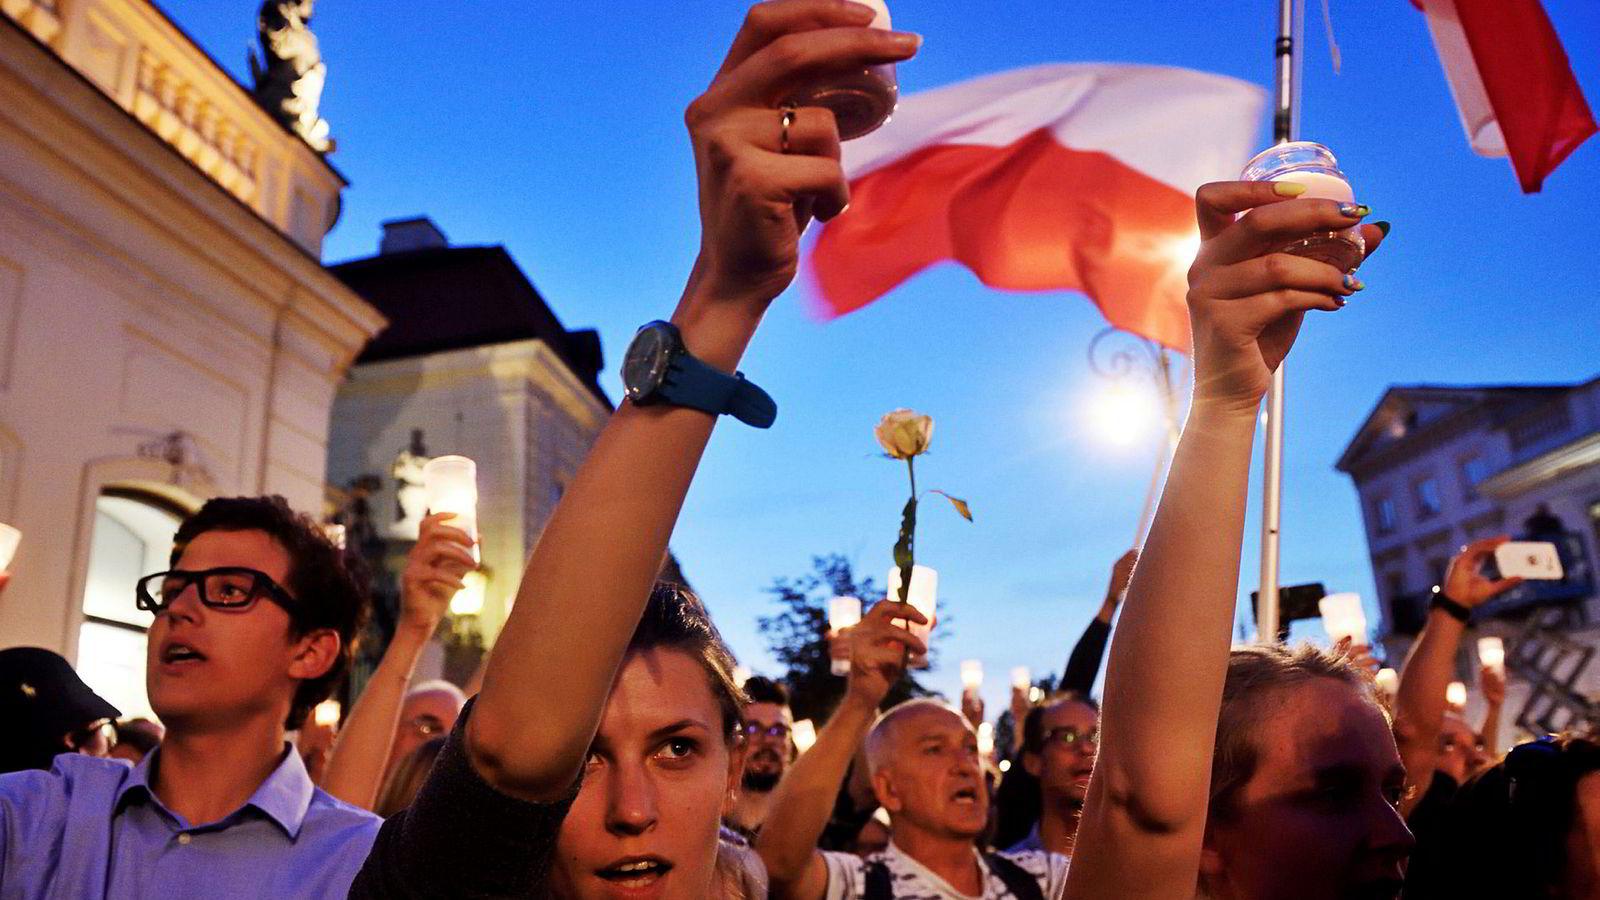 Polakker samles for å protestere mot juridiske reformer i landet.